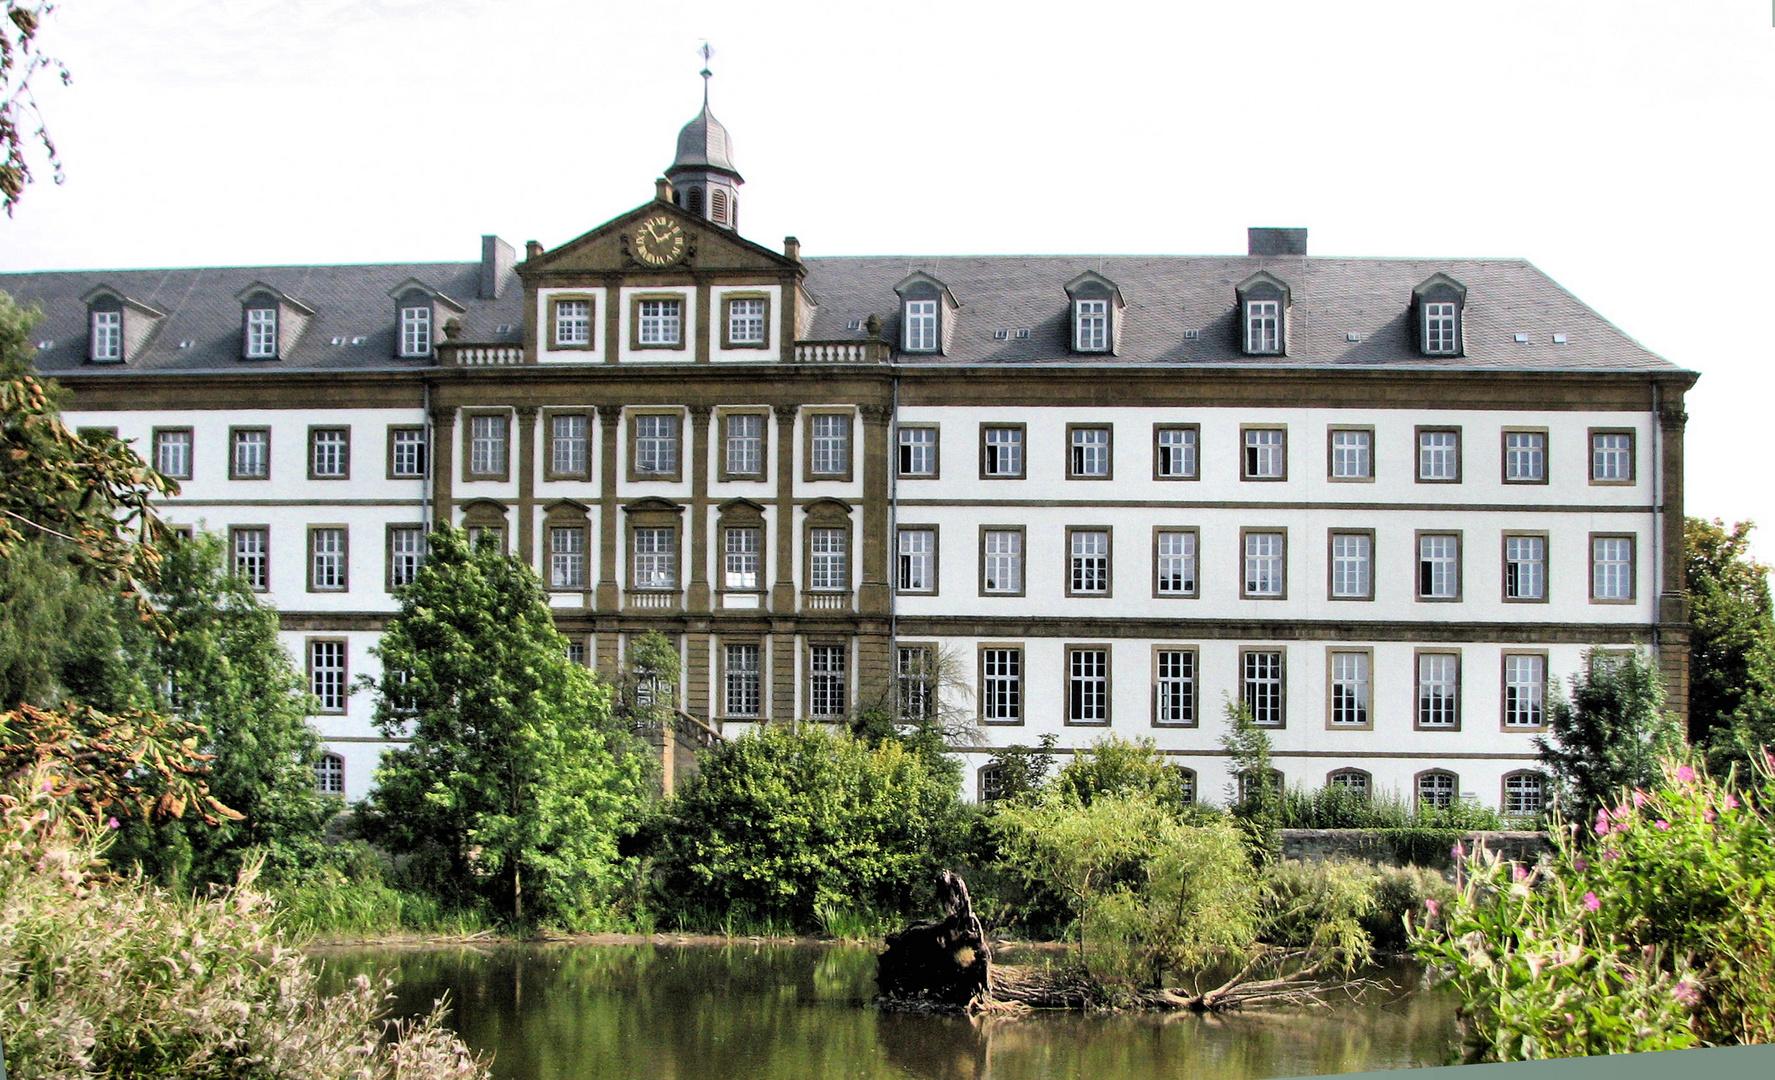 Jesuitenkolleg in Büren